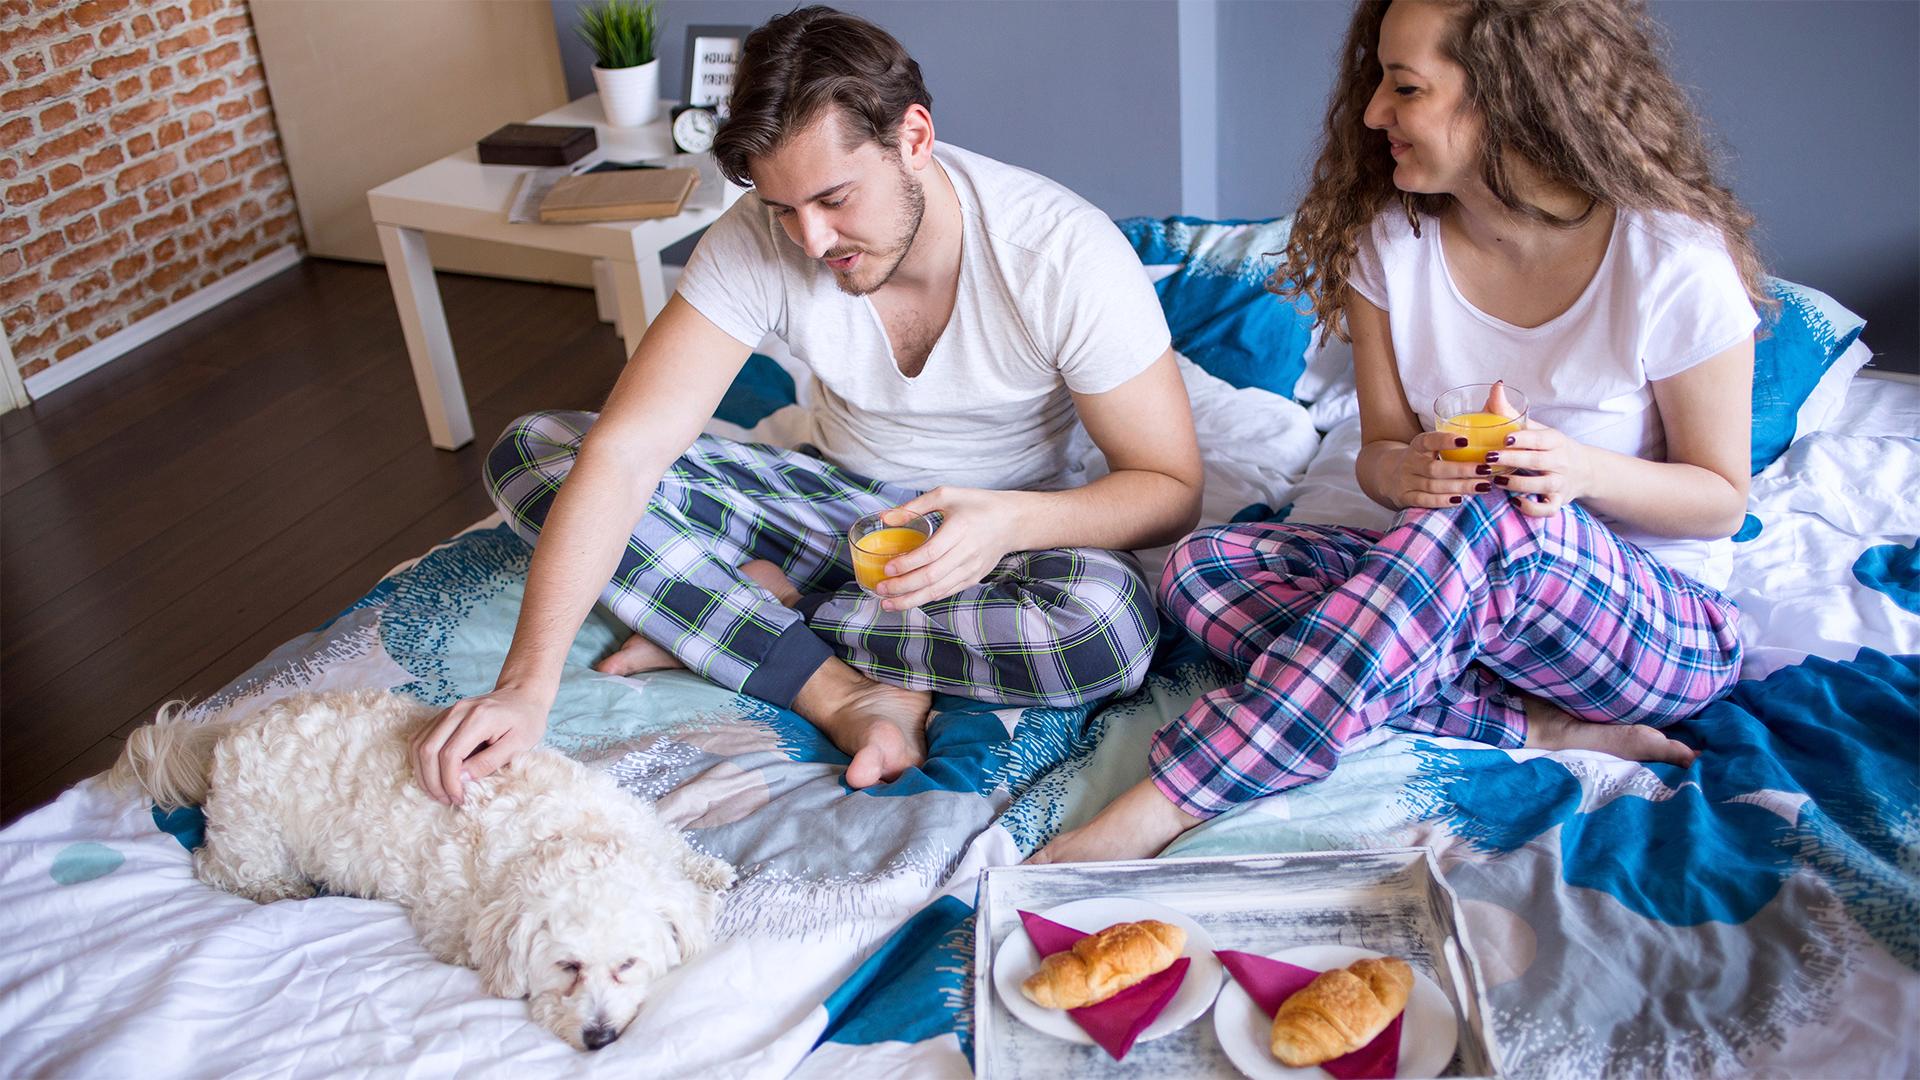 5 нешта што ќе ги научите откако ќе се вселите заедно со вашиот вереник